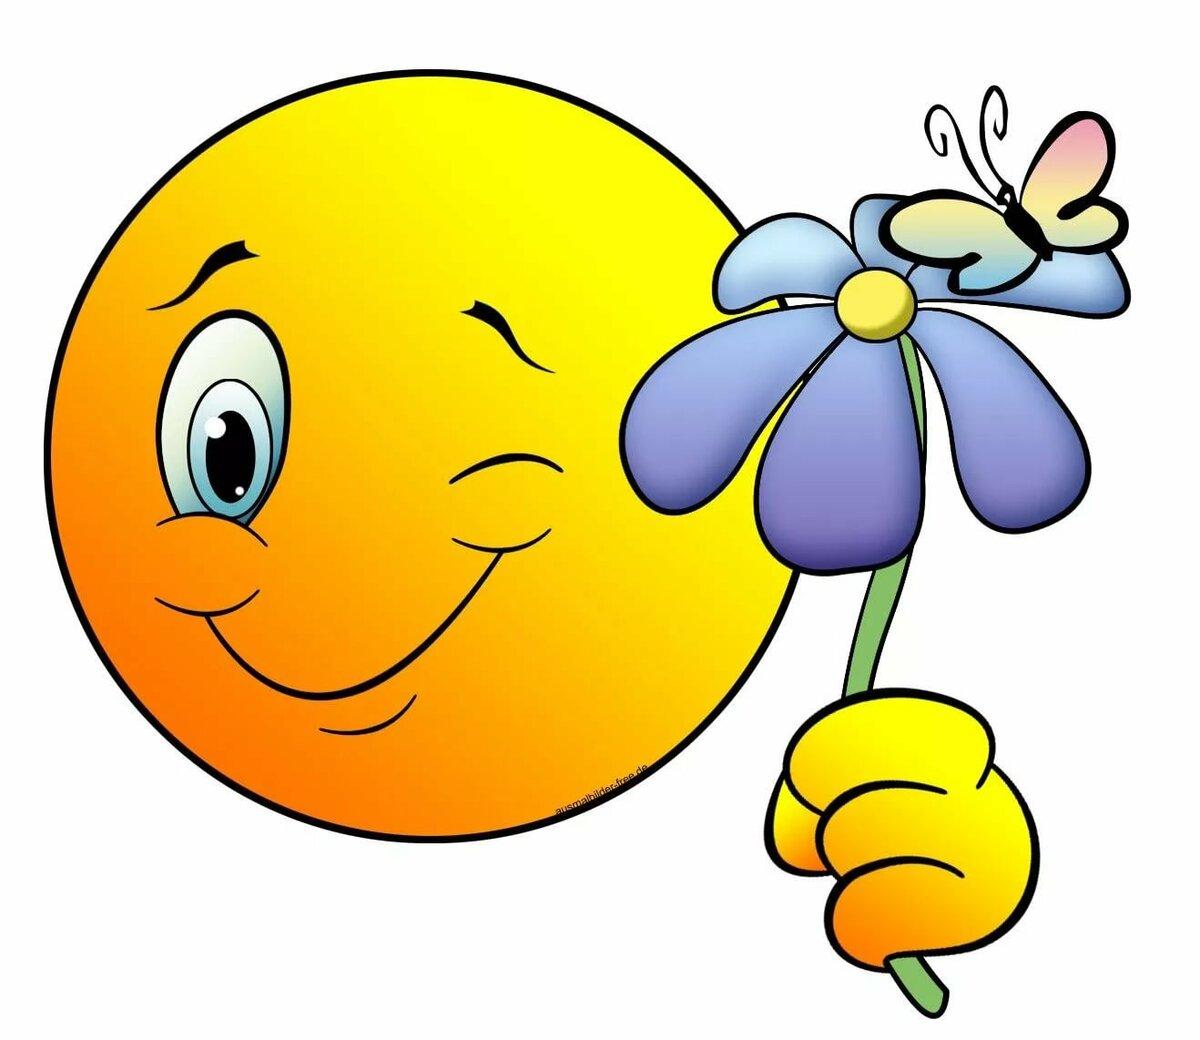 смайлики с цветочками картинки процедура позволила